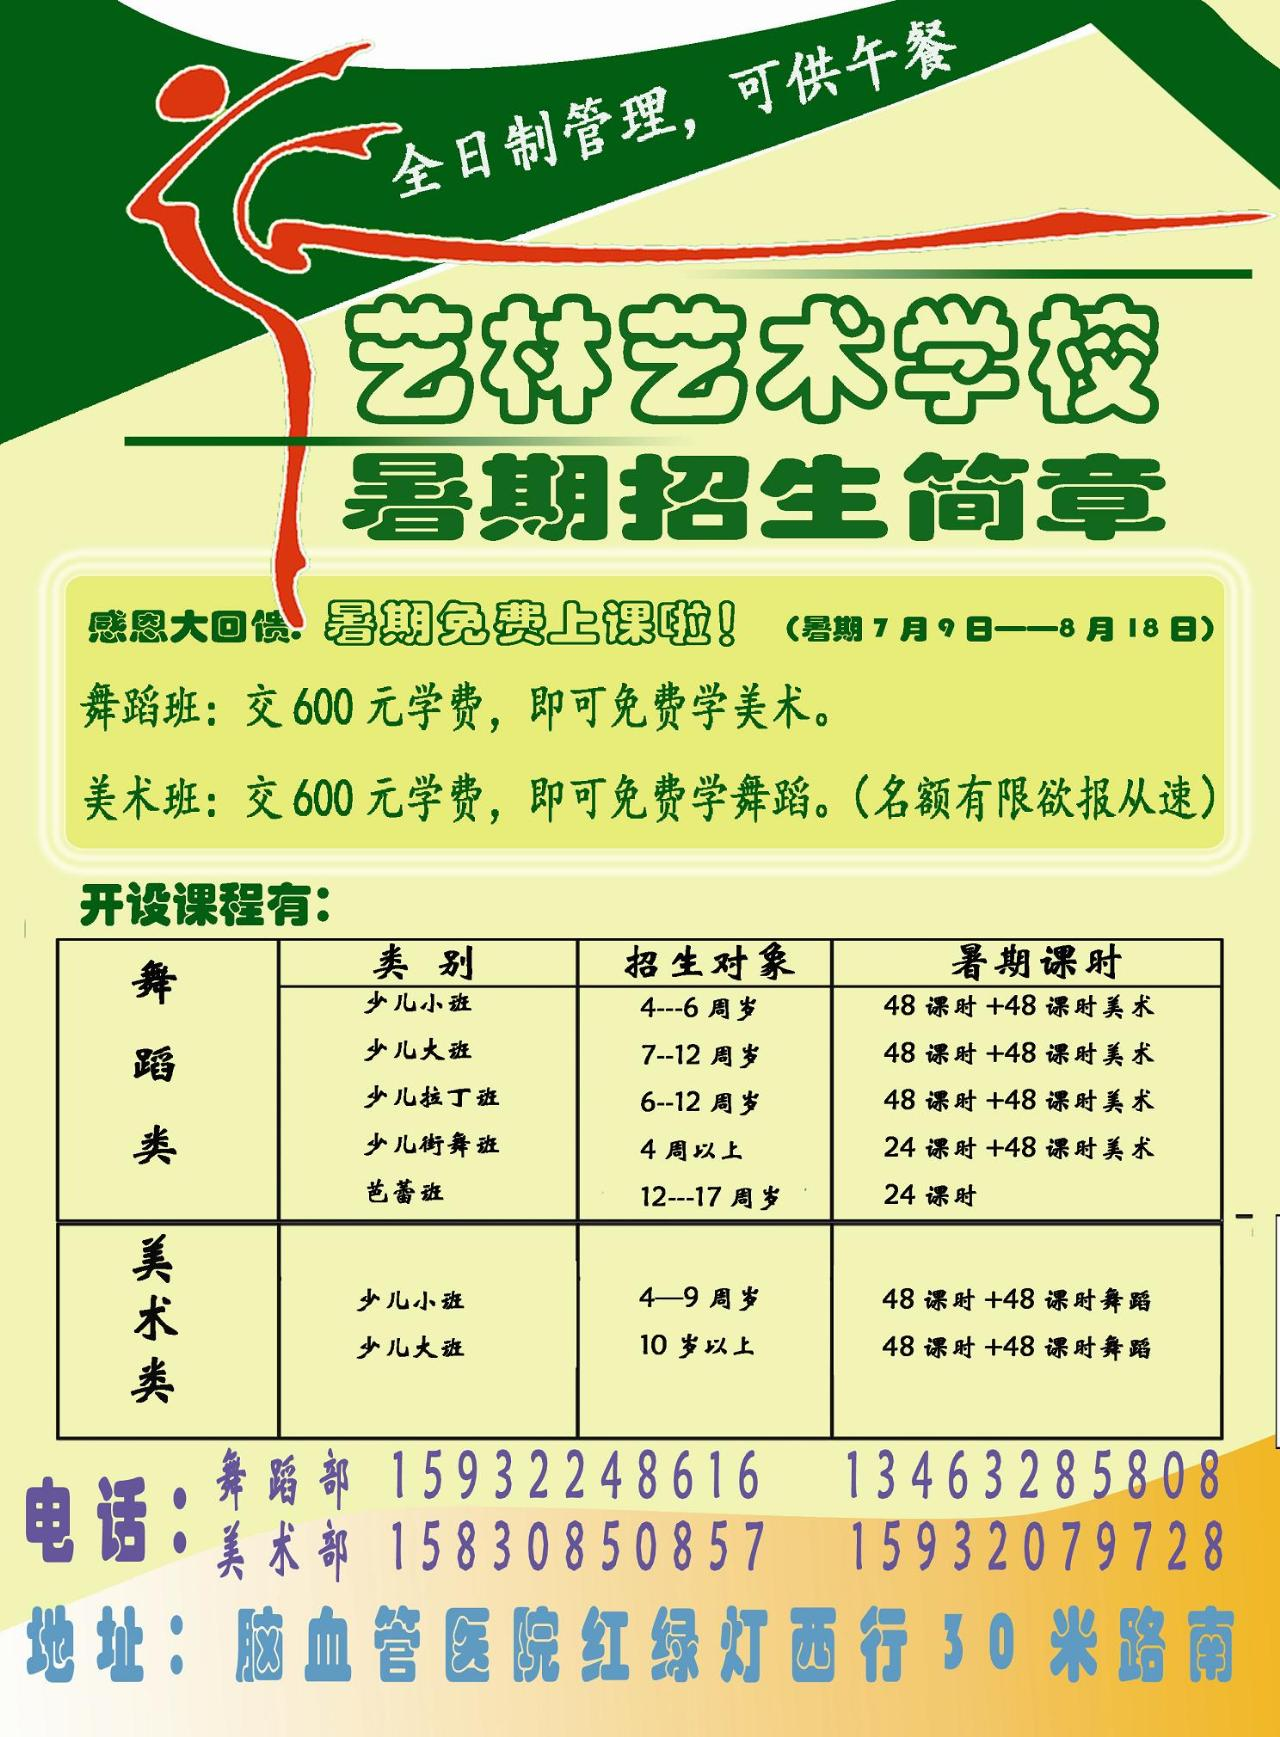 艺林艺术学校暑期招生